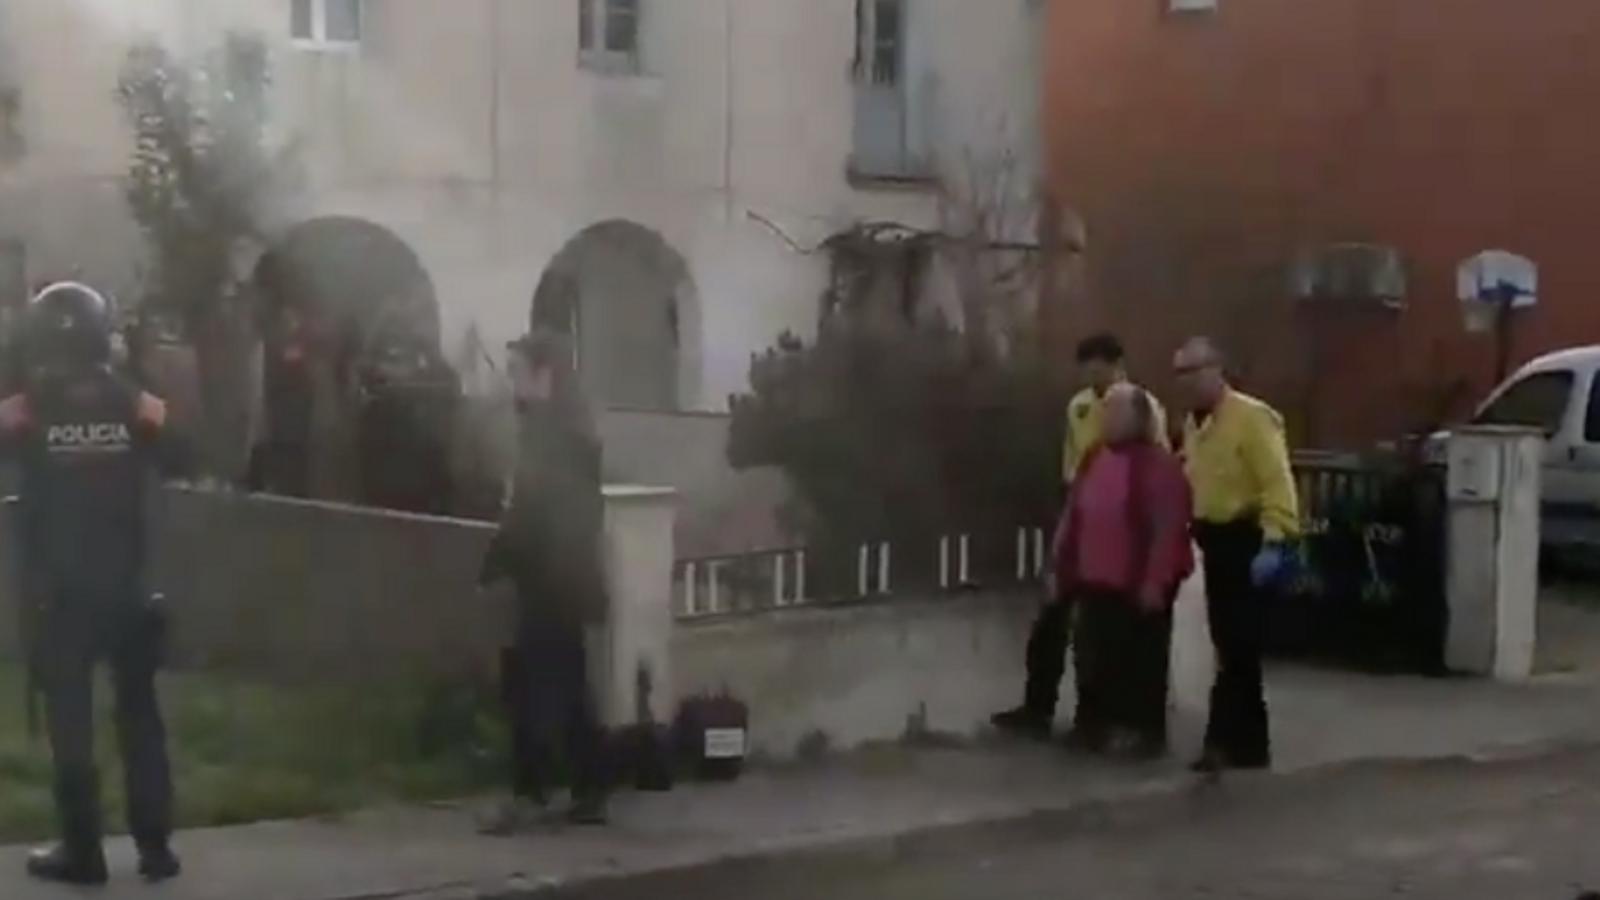 La Plataforma d'Afectades per l'habitatge de Breda ha publicat a les xarxes el vídeo del desnonament de l'Emilia, una àvia de 77 anys de Breda